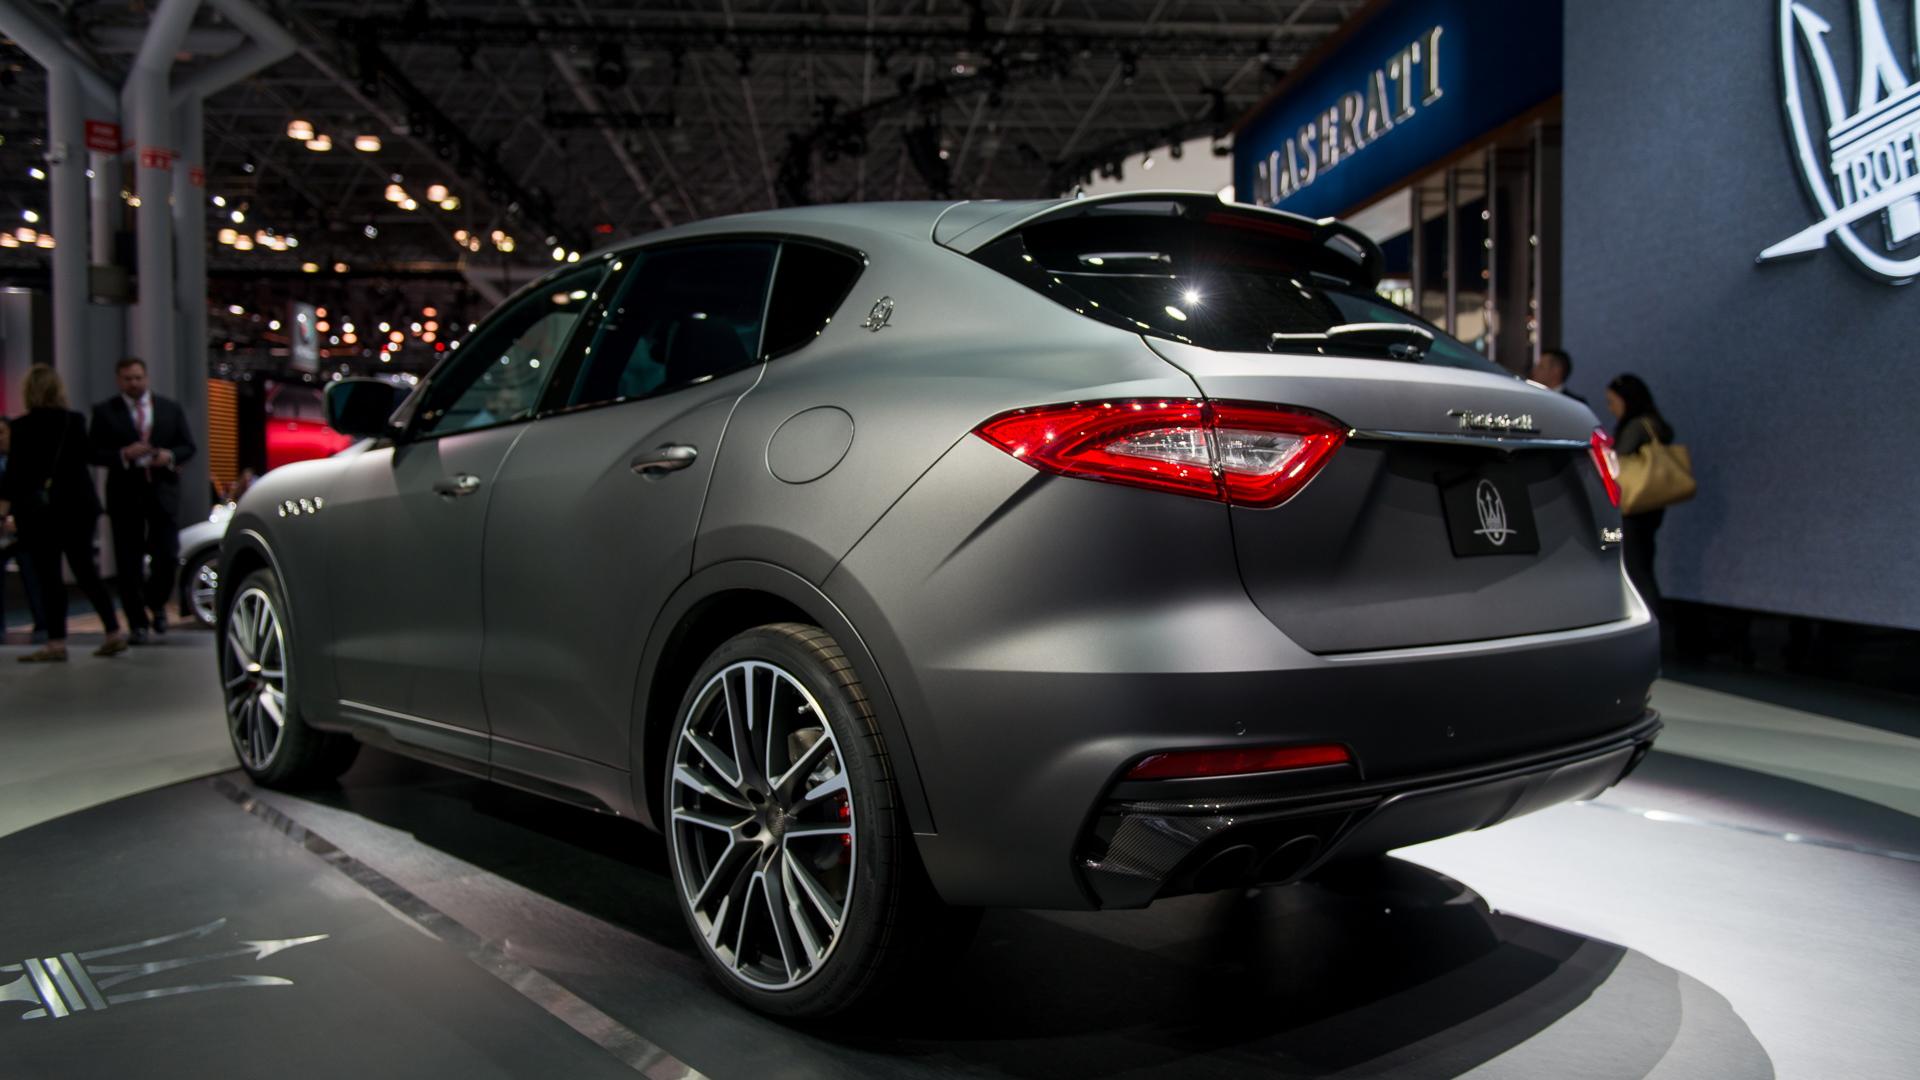 2019 Maserati Levante Trofeo, 2018 New York auto show